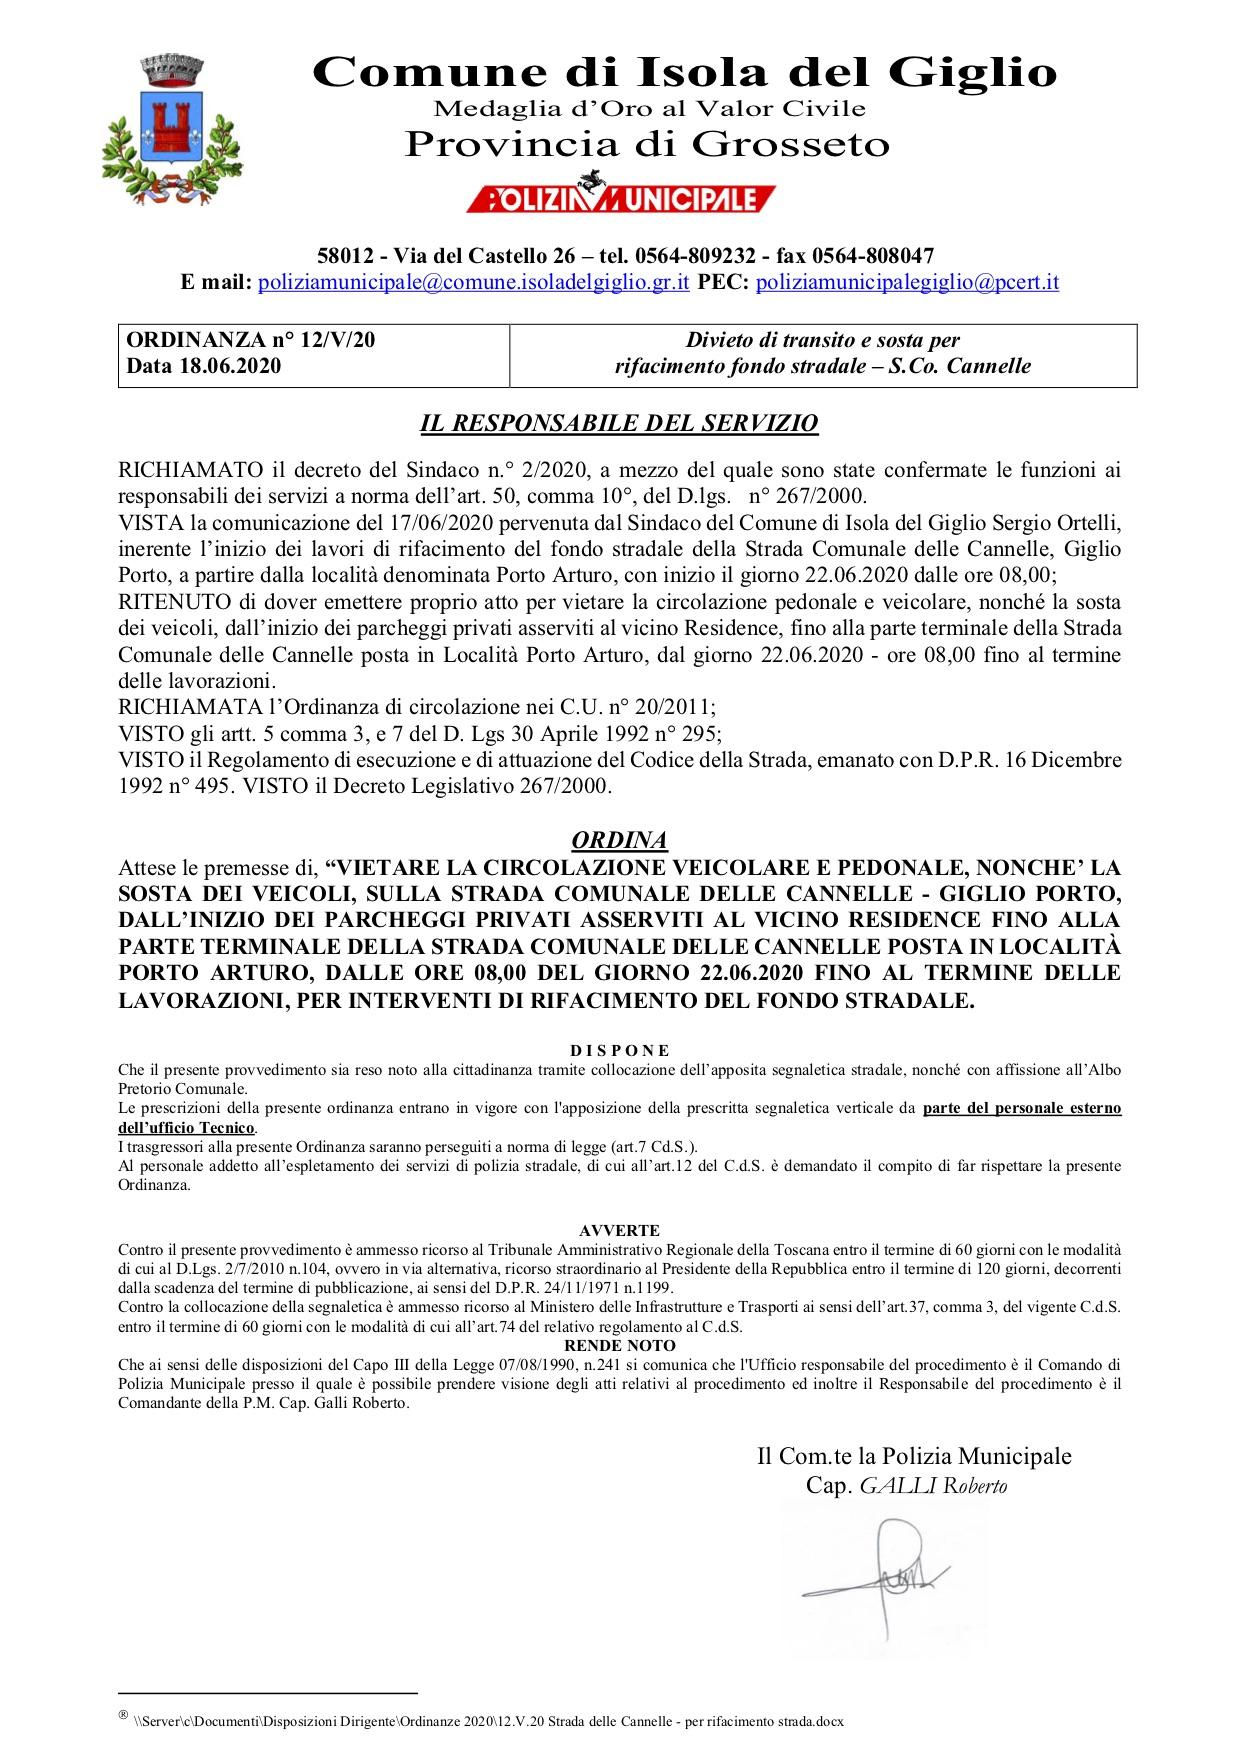 lavori strada cannelle polizia municipale comune isola del giglio giglionews